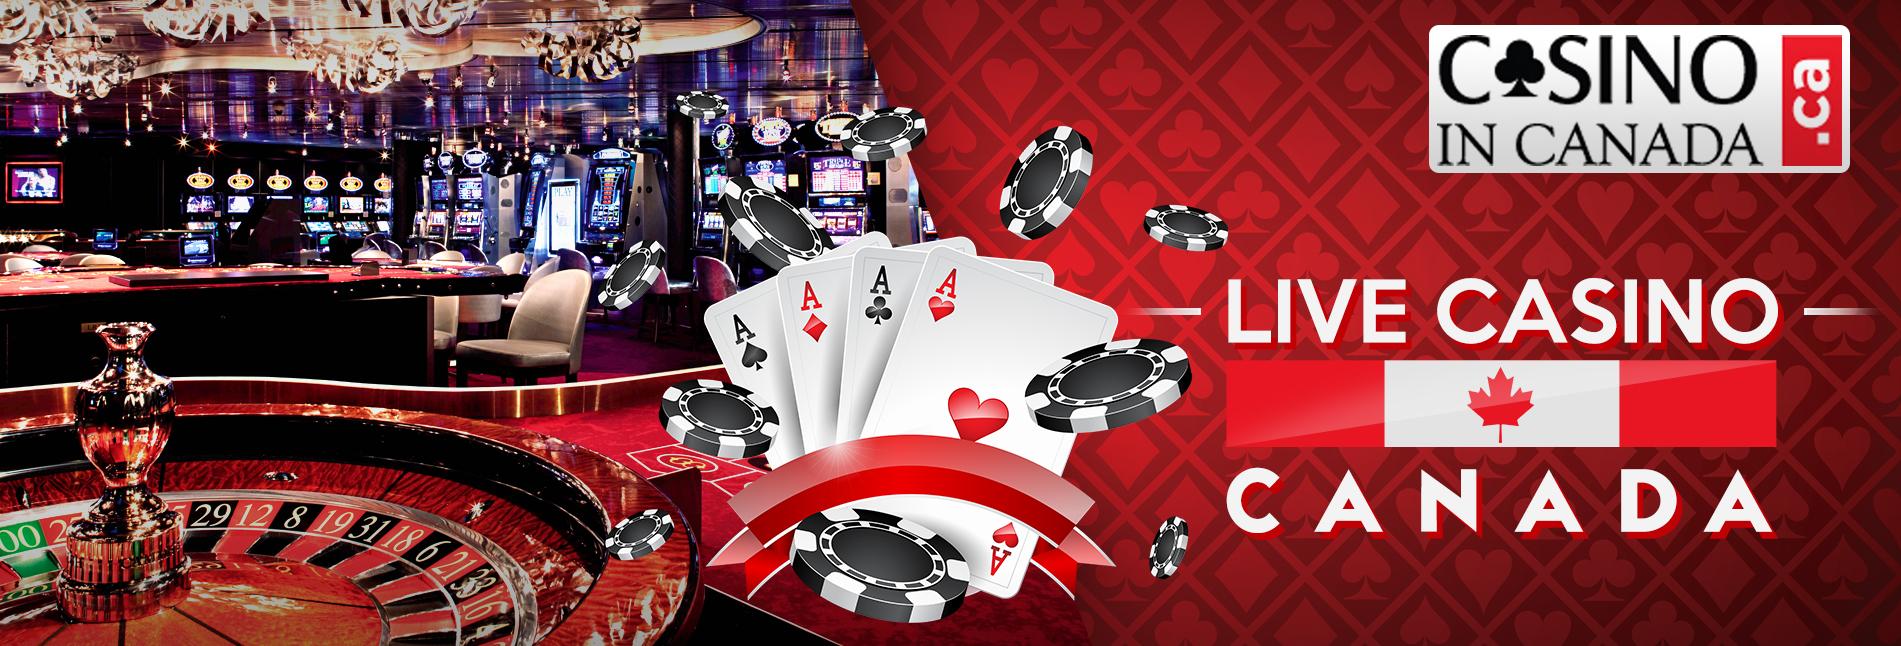 Casino Bonus - 124756